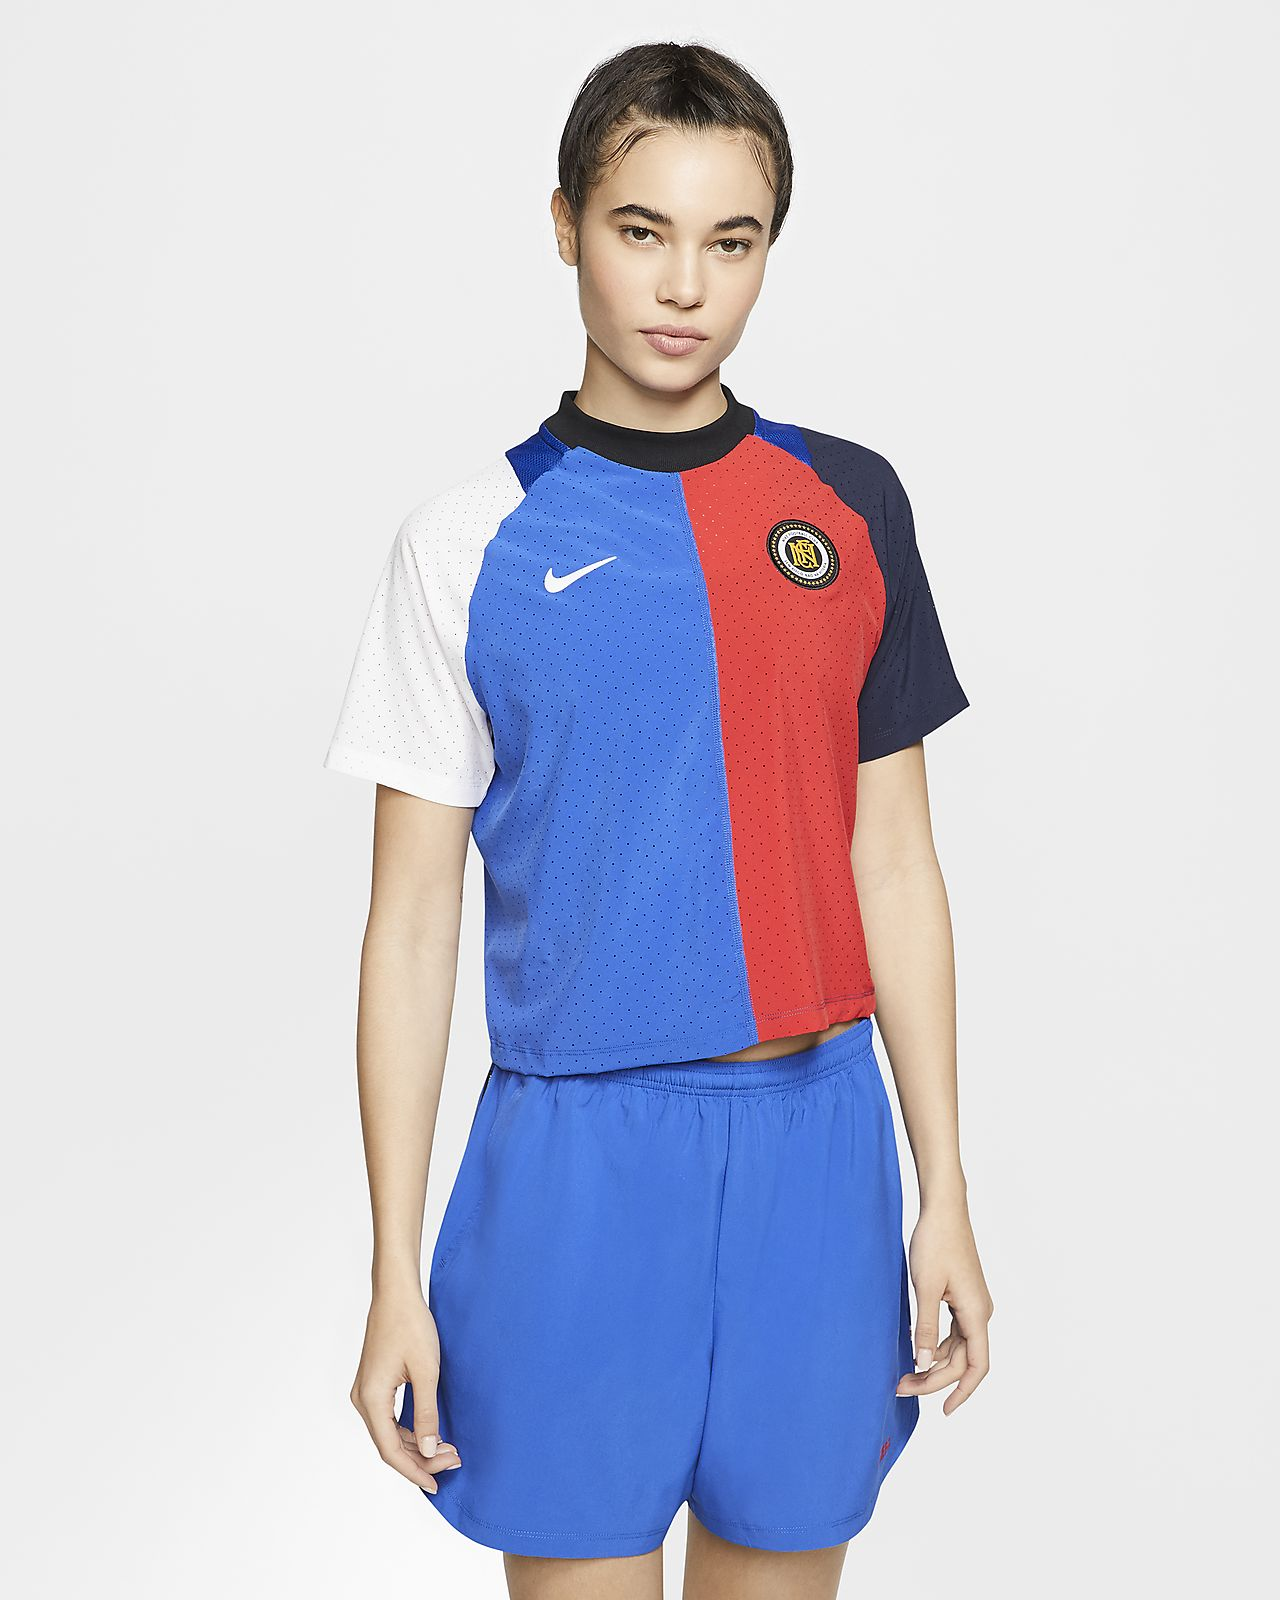 Maillot de football Nike F.C. pour Femme